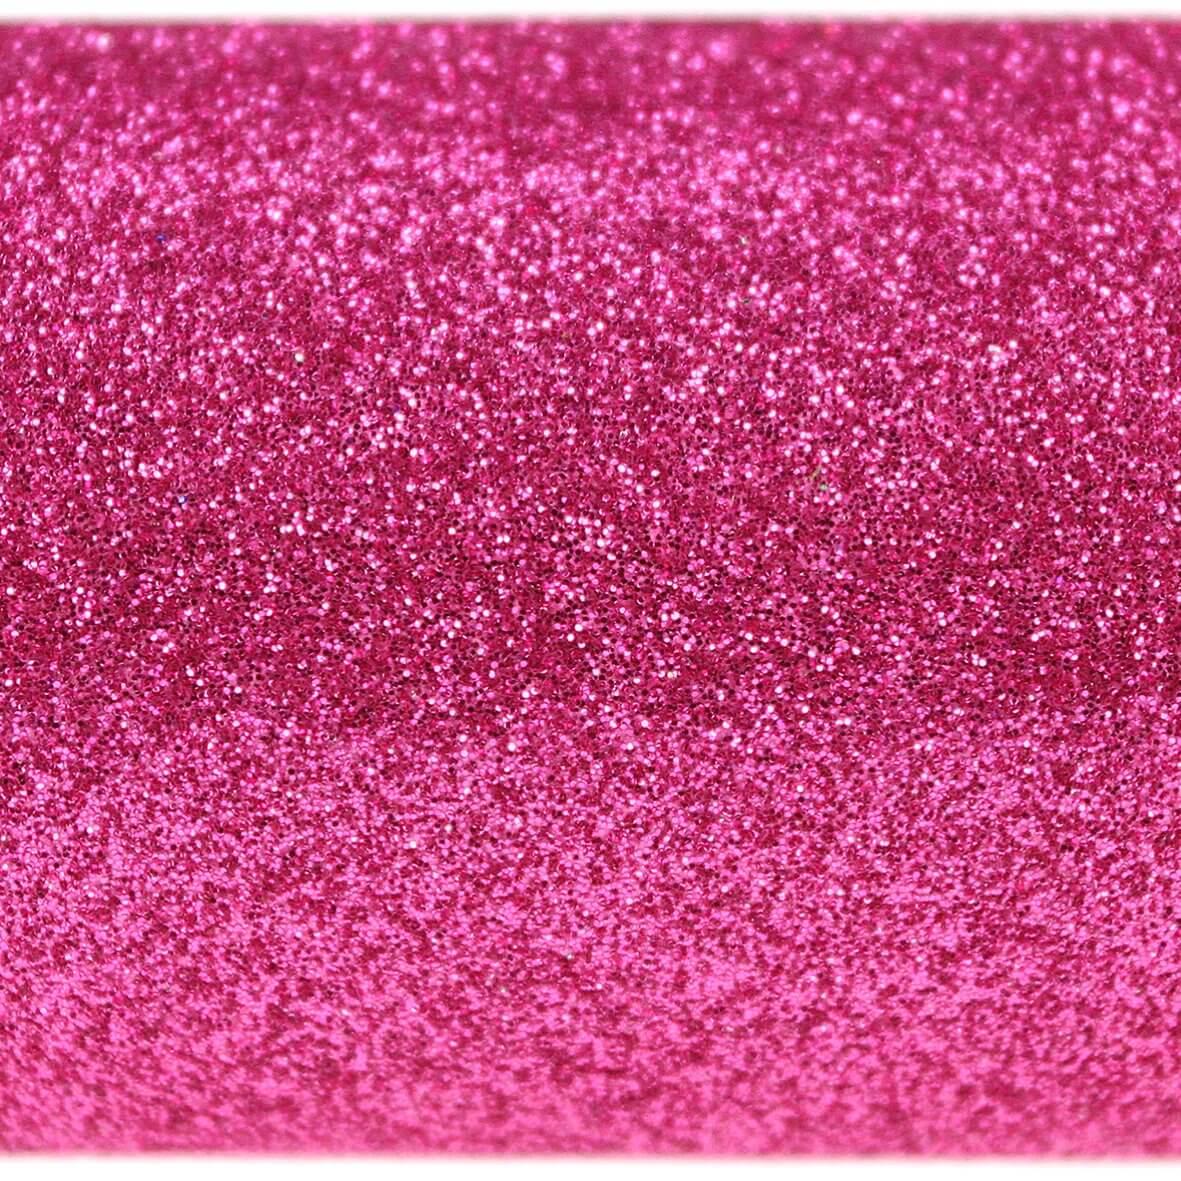 Fuchsia Pink A4 Glitter Card - Close Up